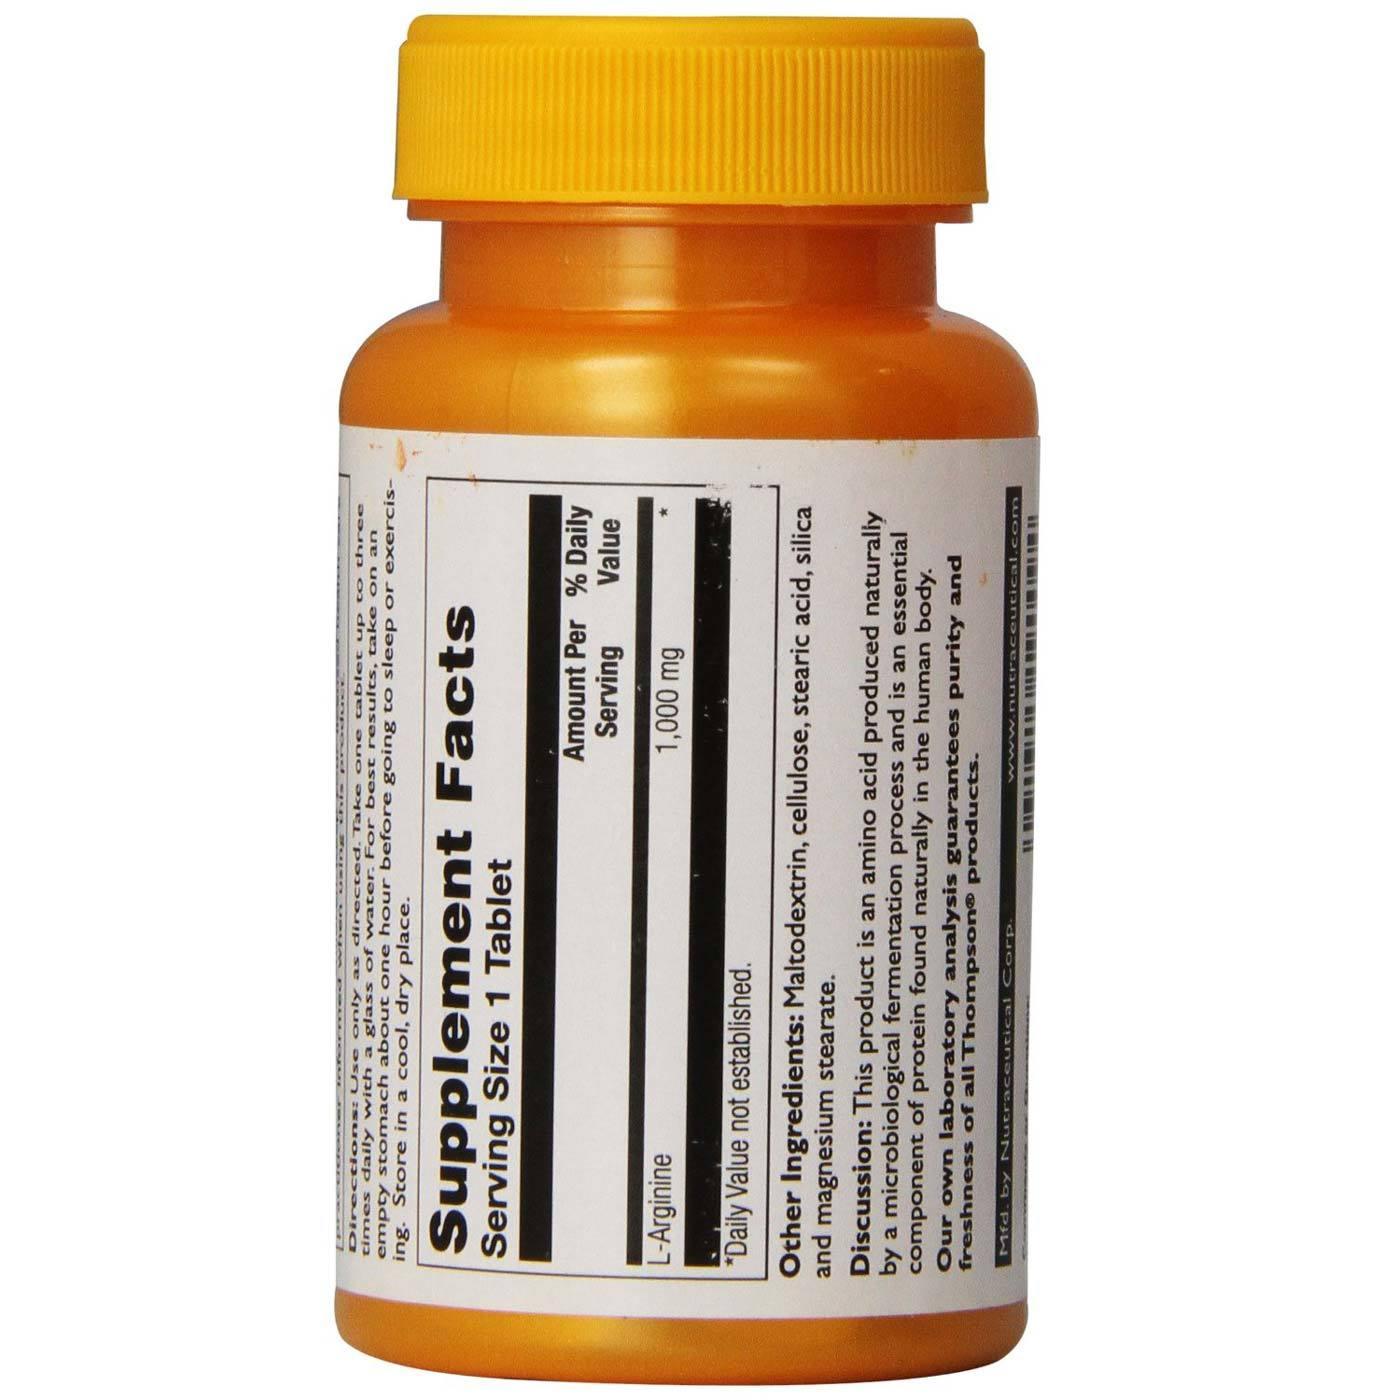 Thompson L-Arginine - 1,000 mg - 30 Tablets